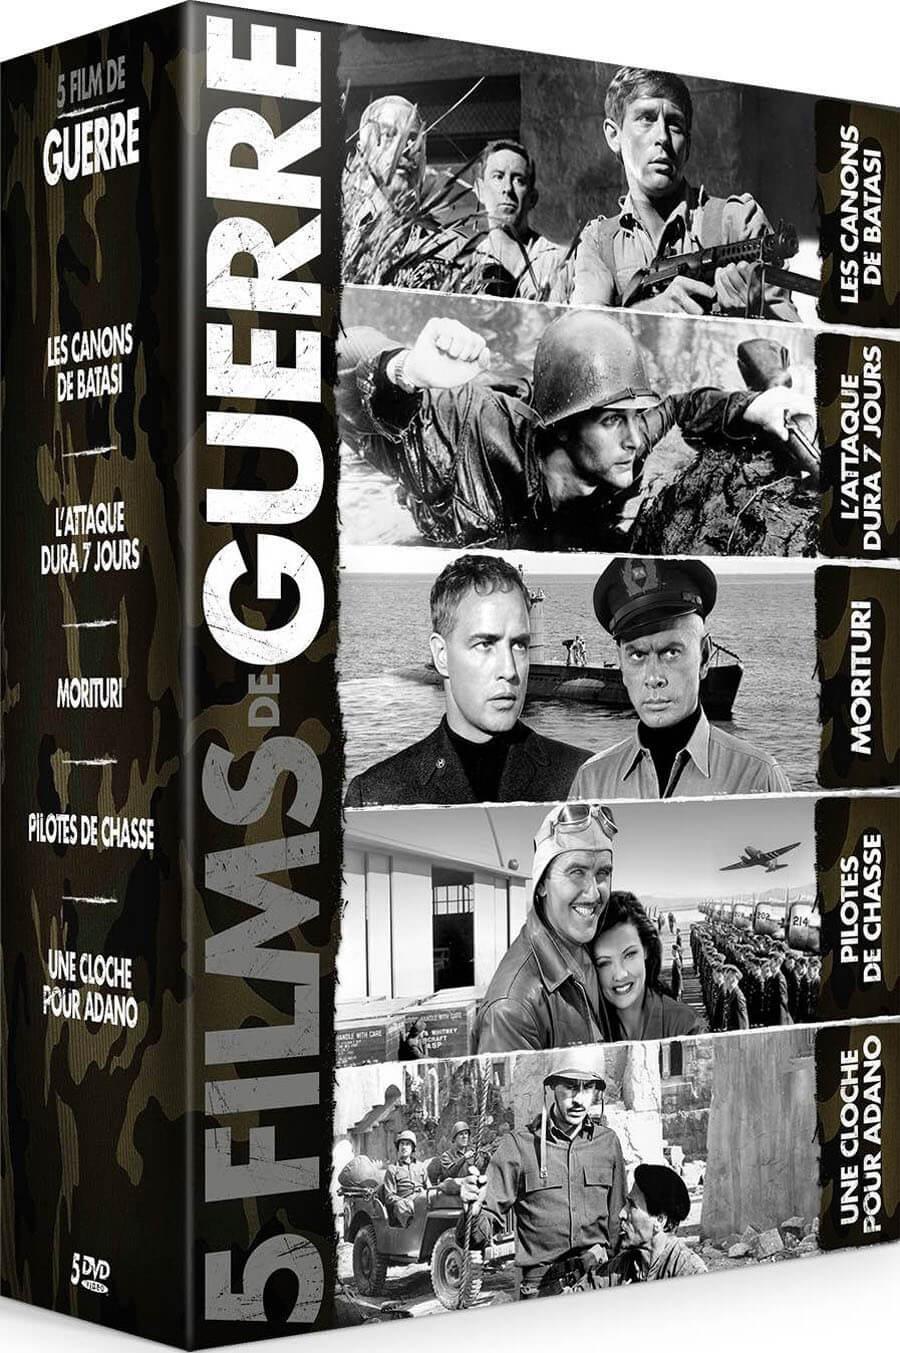 COFFRET GUERRE - 5 FILMS